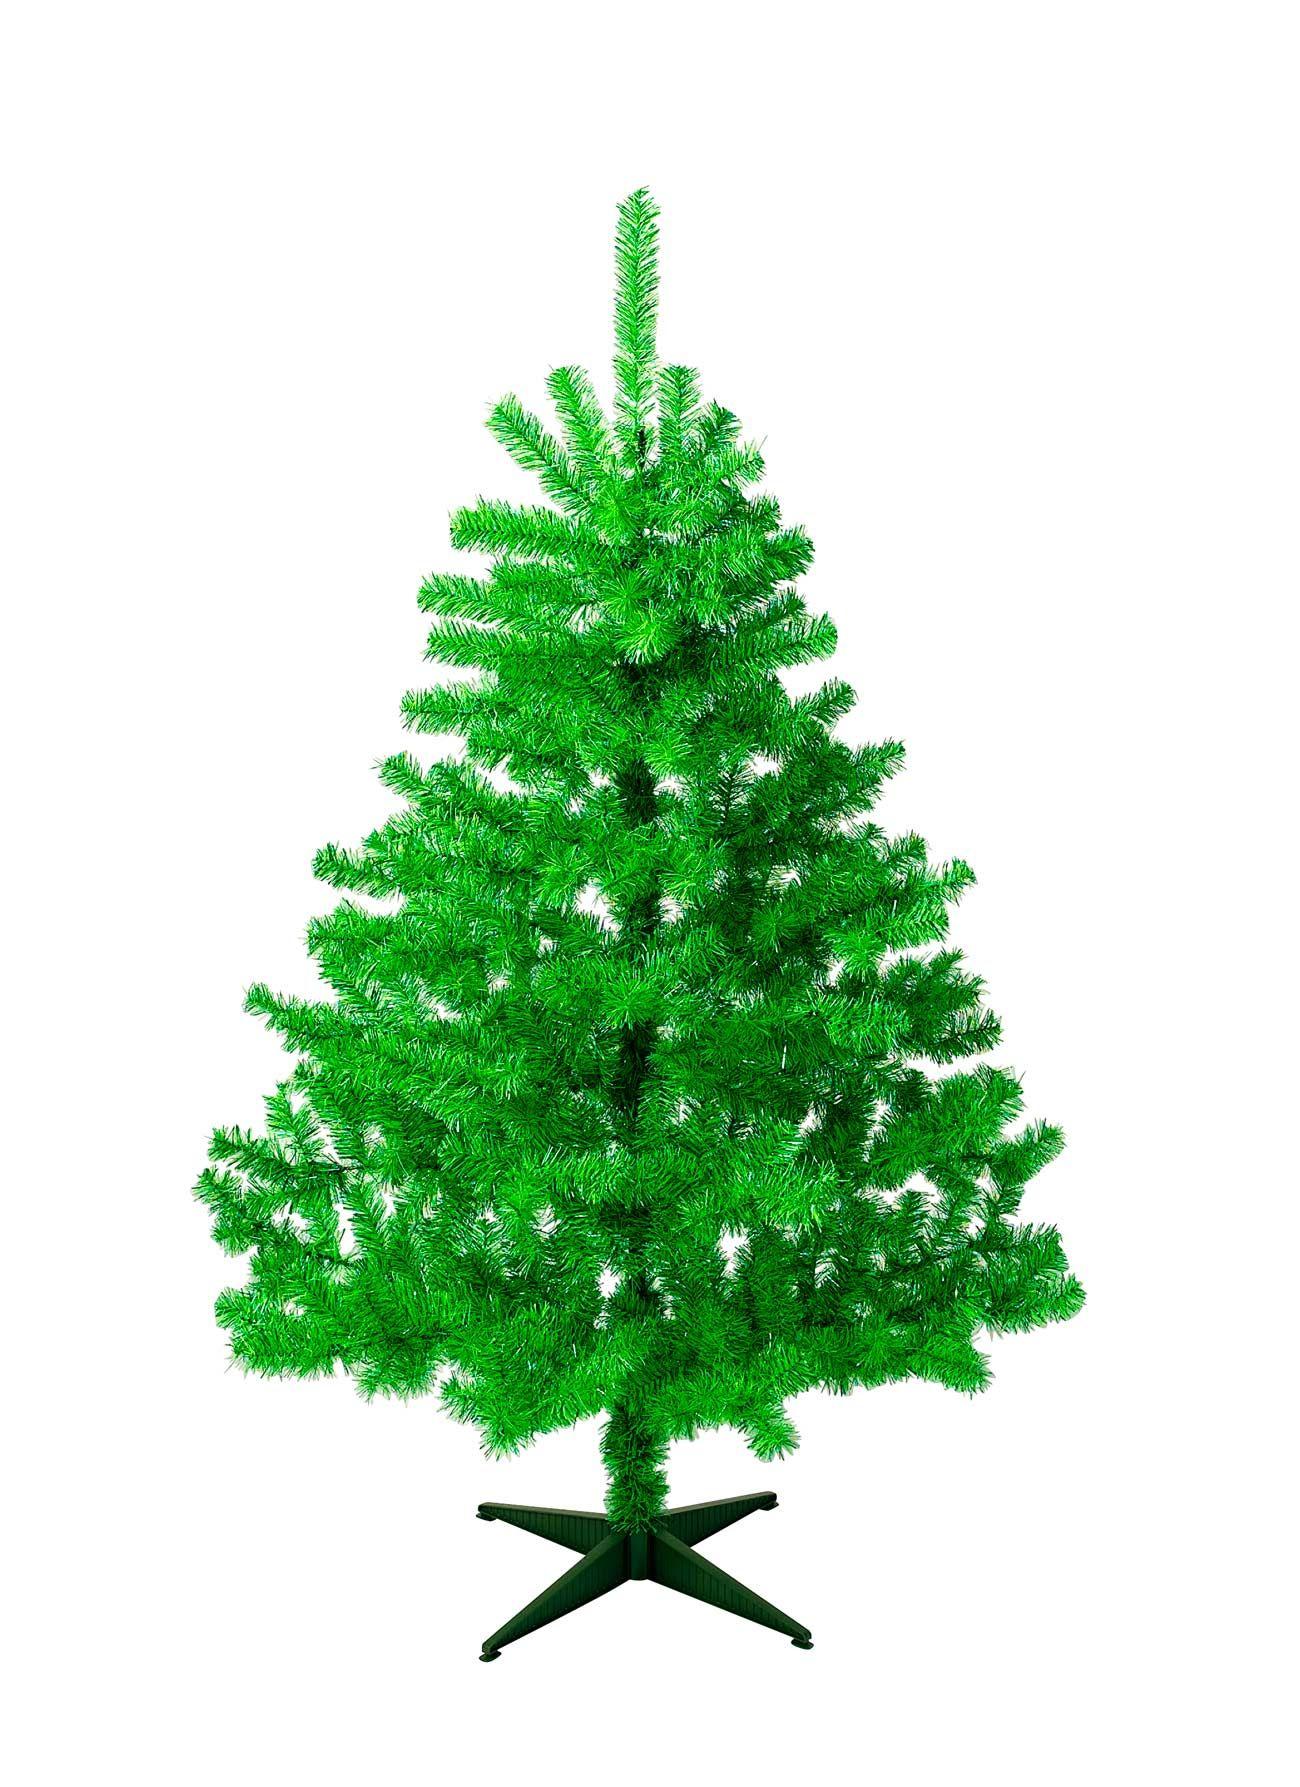 Weihnachtsbaum Künstlich Schmal.Giftgrüner Barcana Weihnachtsbaum 180 Cm Hoch Künstliche